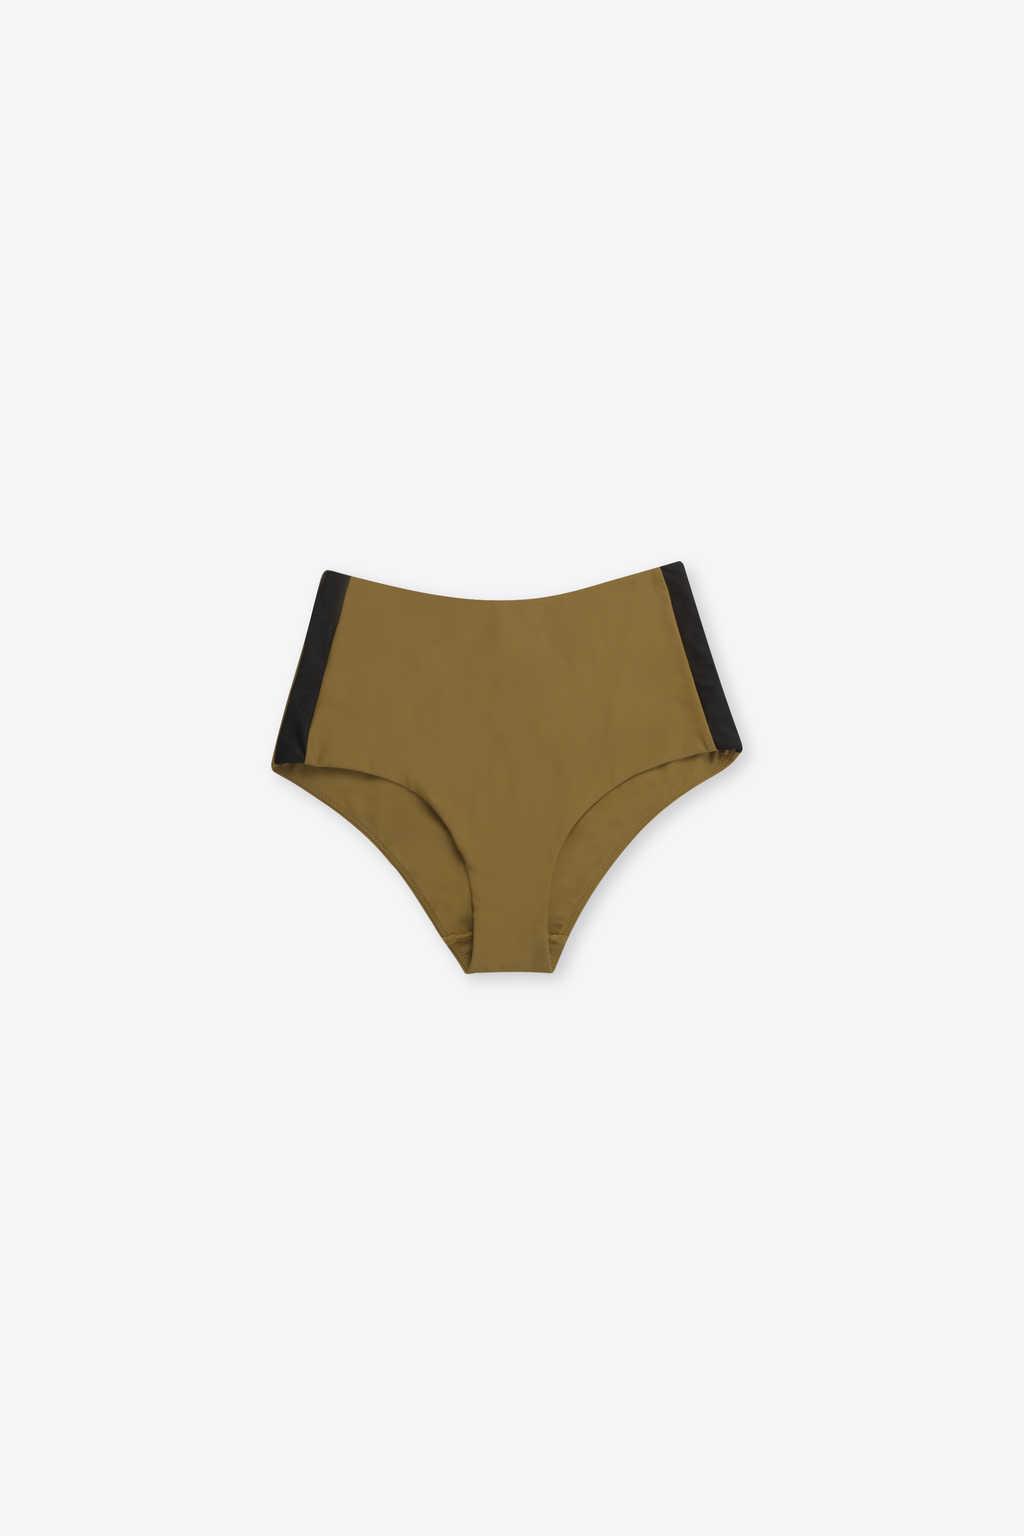 High Waist Bikini Bottom 2205 Olive 4